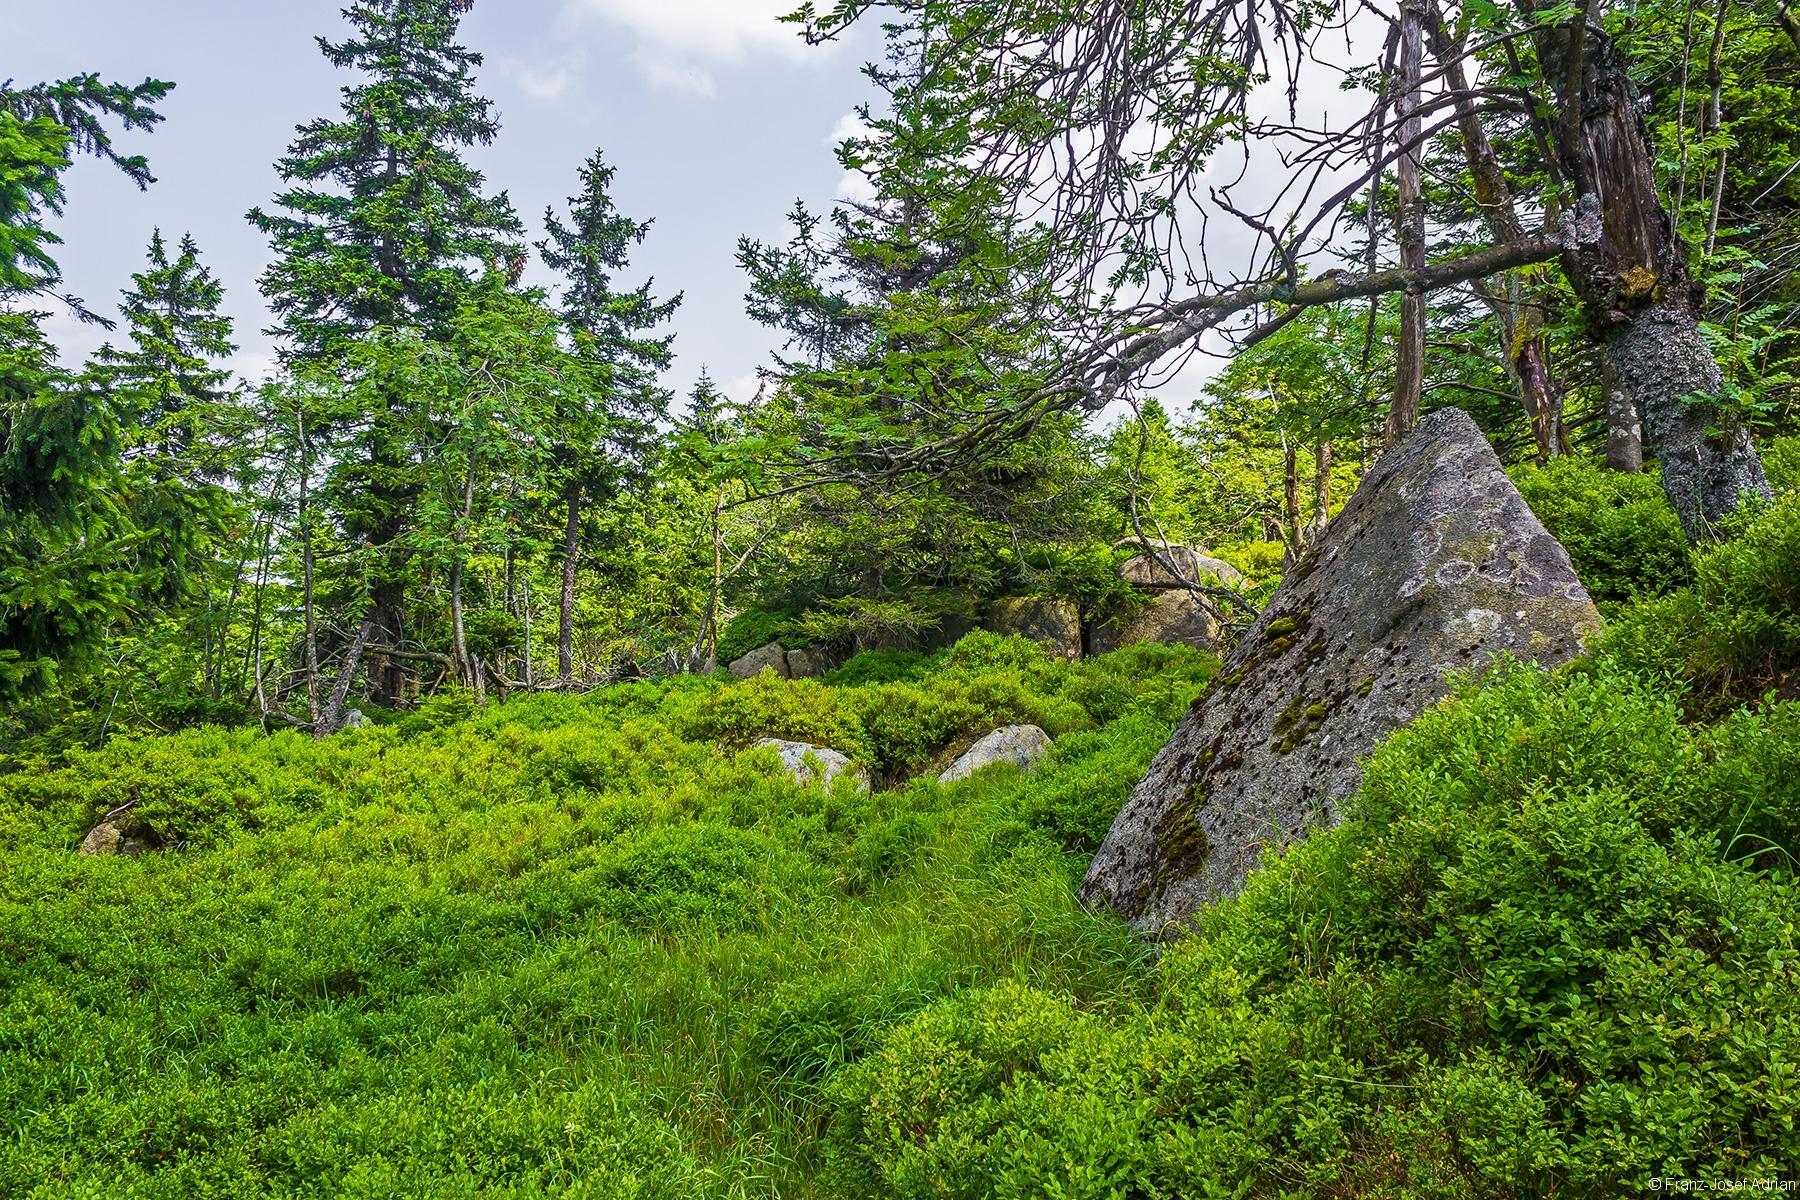 dicht mit Heidelbeersträuchern bewachsene Granitblöcke